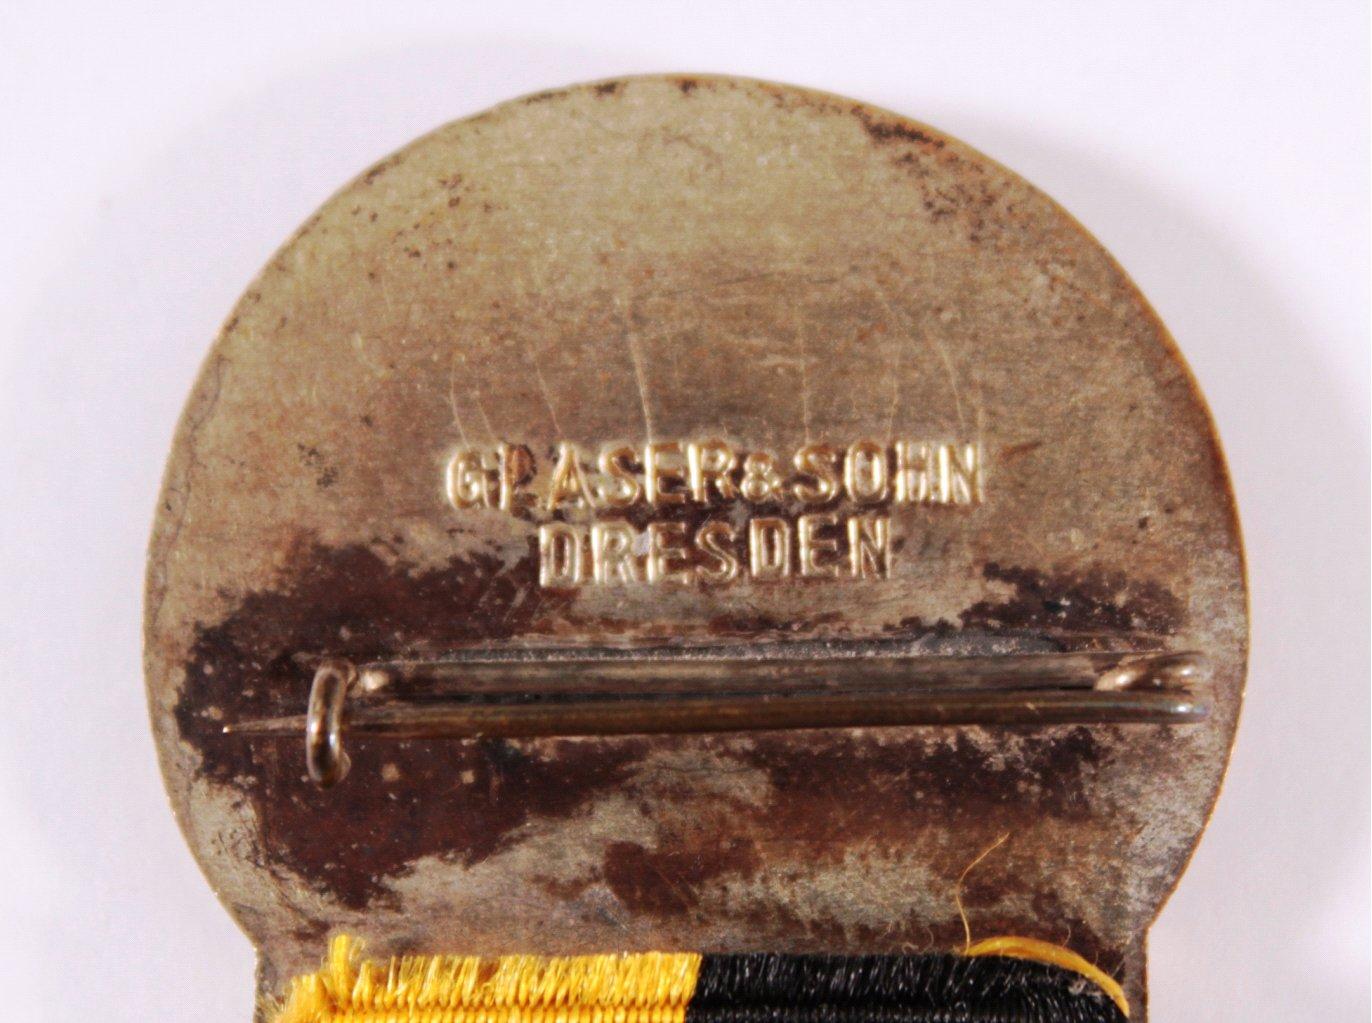 Veranstaltungsabzeichen 43. BDR Bundesfest Dresden 1926-2